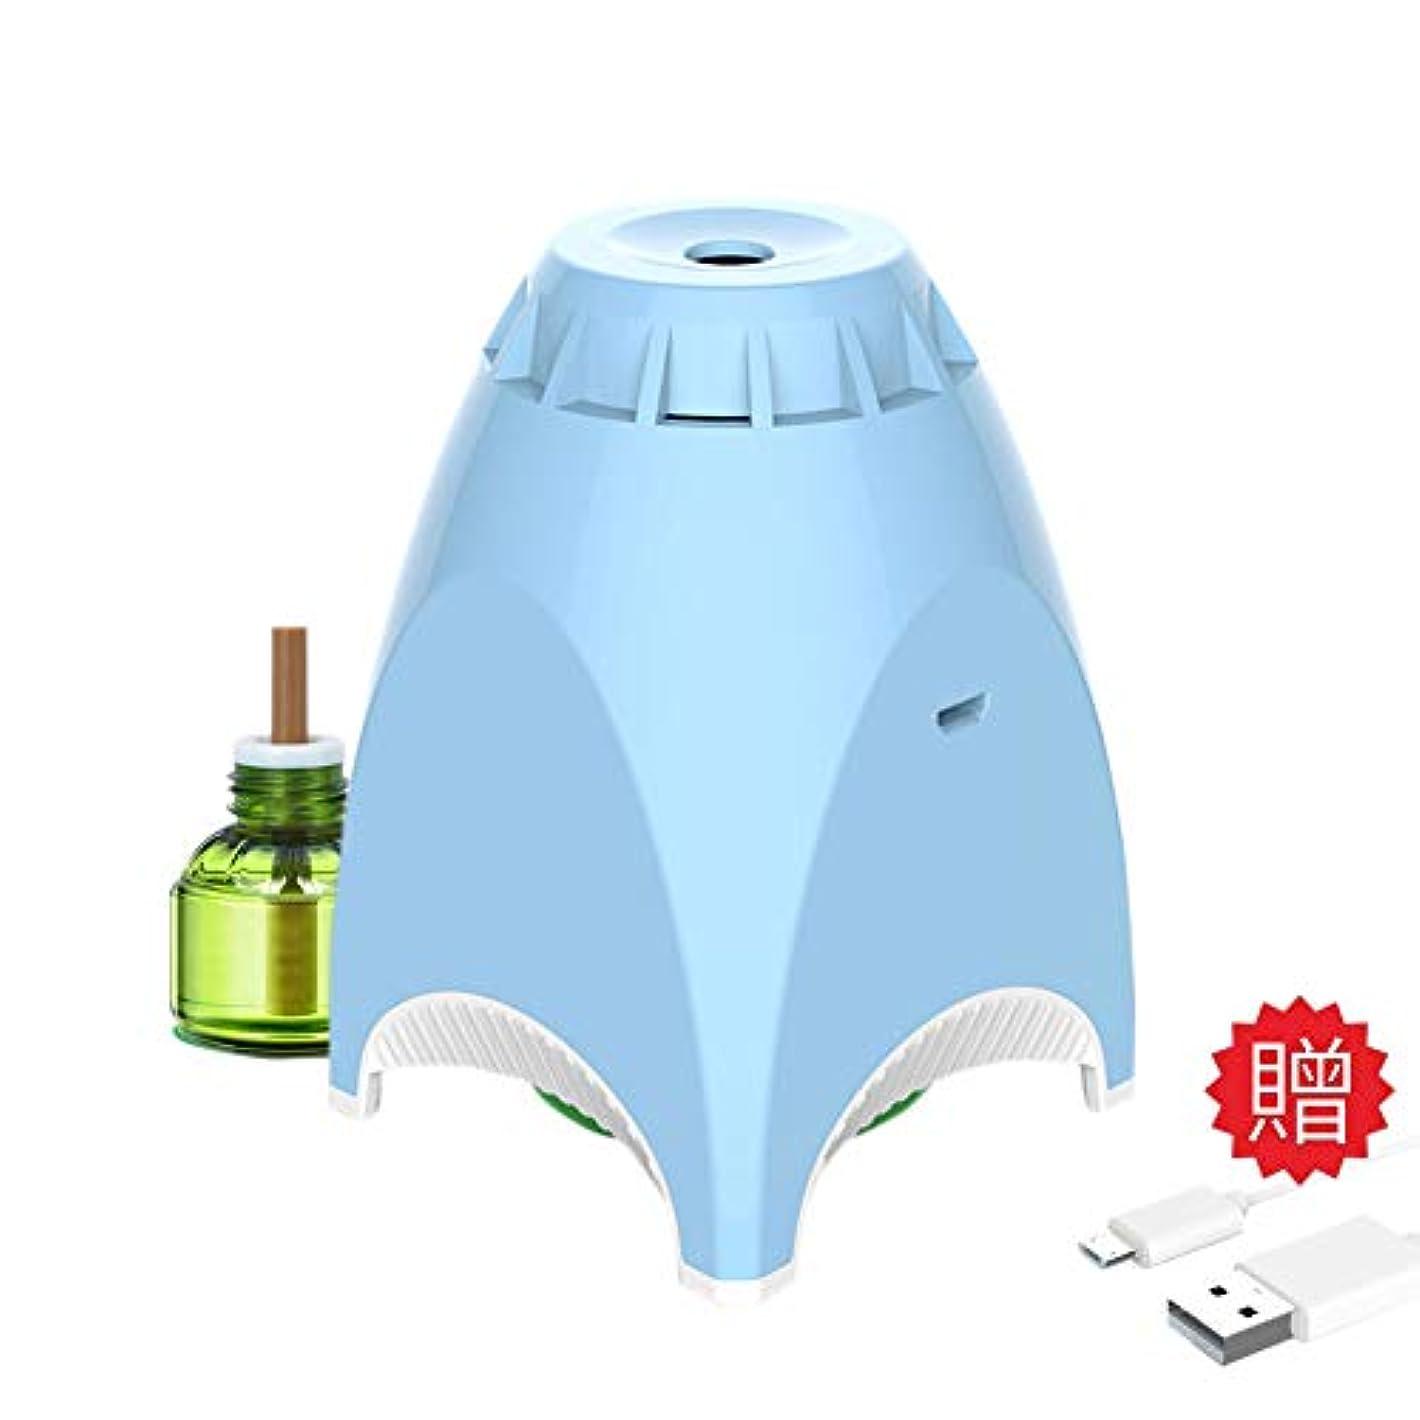 検体つまずく配分水性 蚊取り器 モバイルバッテリー充電器 USB 給電 自動車/旅行/出張/アウトドア/屋内 など必携品 コンパクトで持ち運び便利